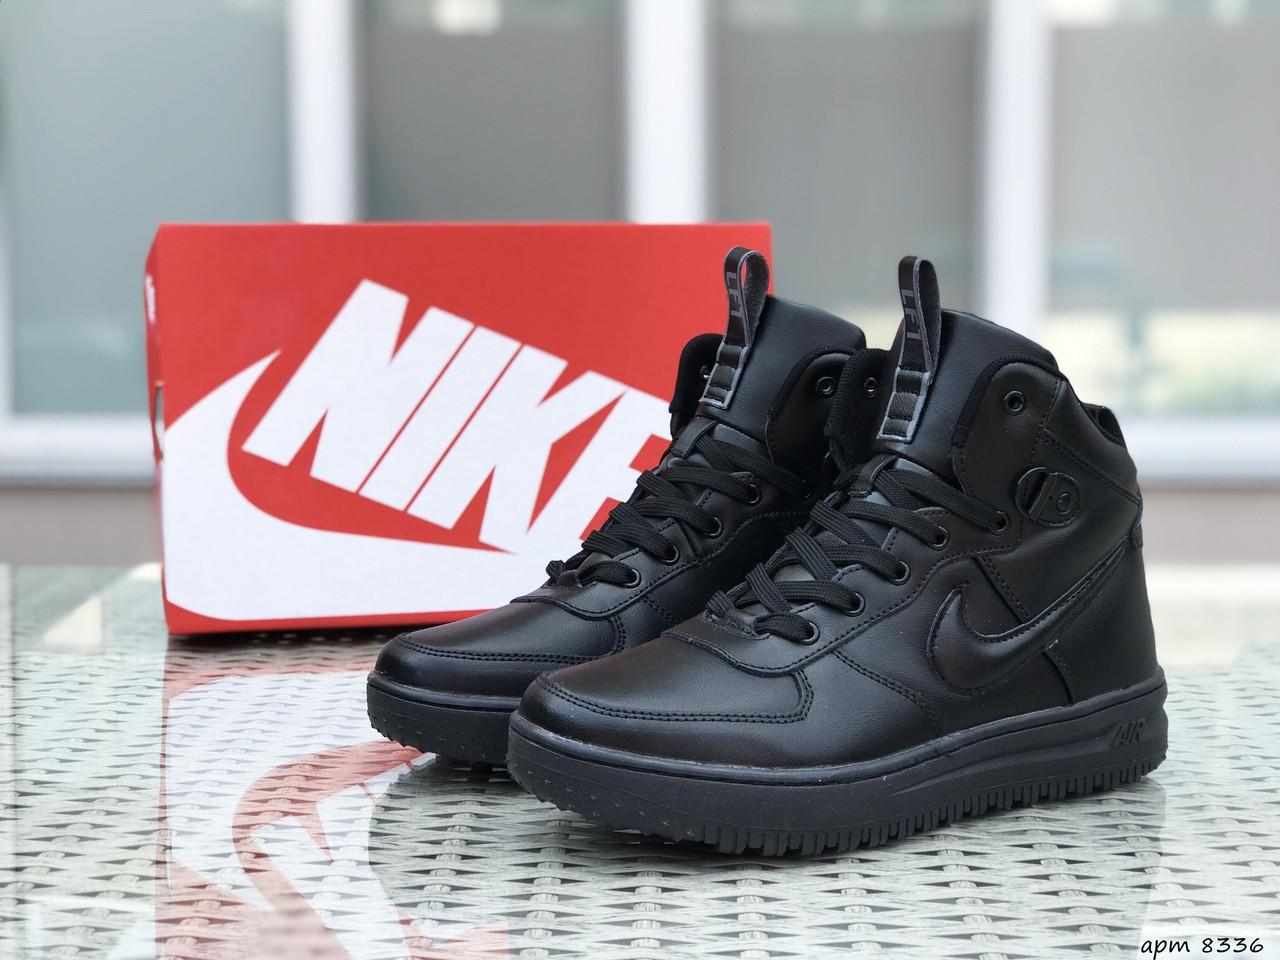 Кроссовки мужские Найк Лунар Форс черные пресс кожа демисезонные (реплика) Nike Lunar Force Black